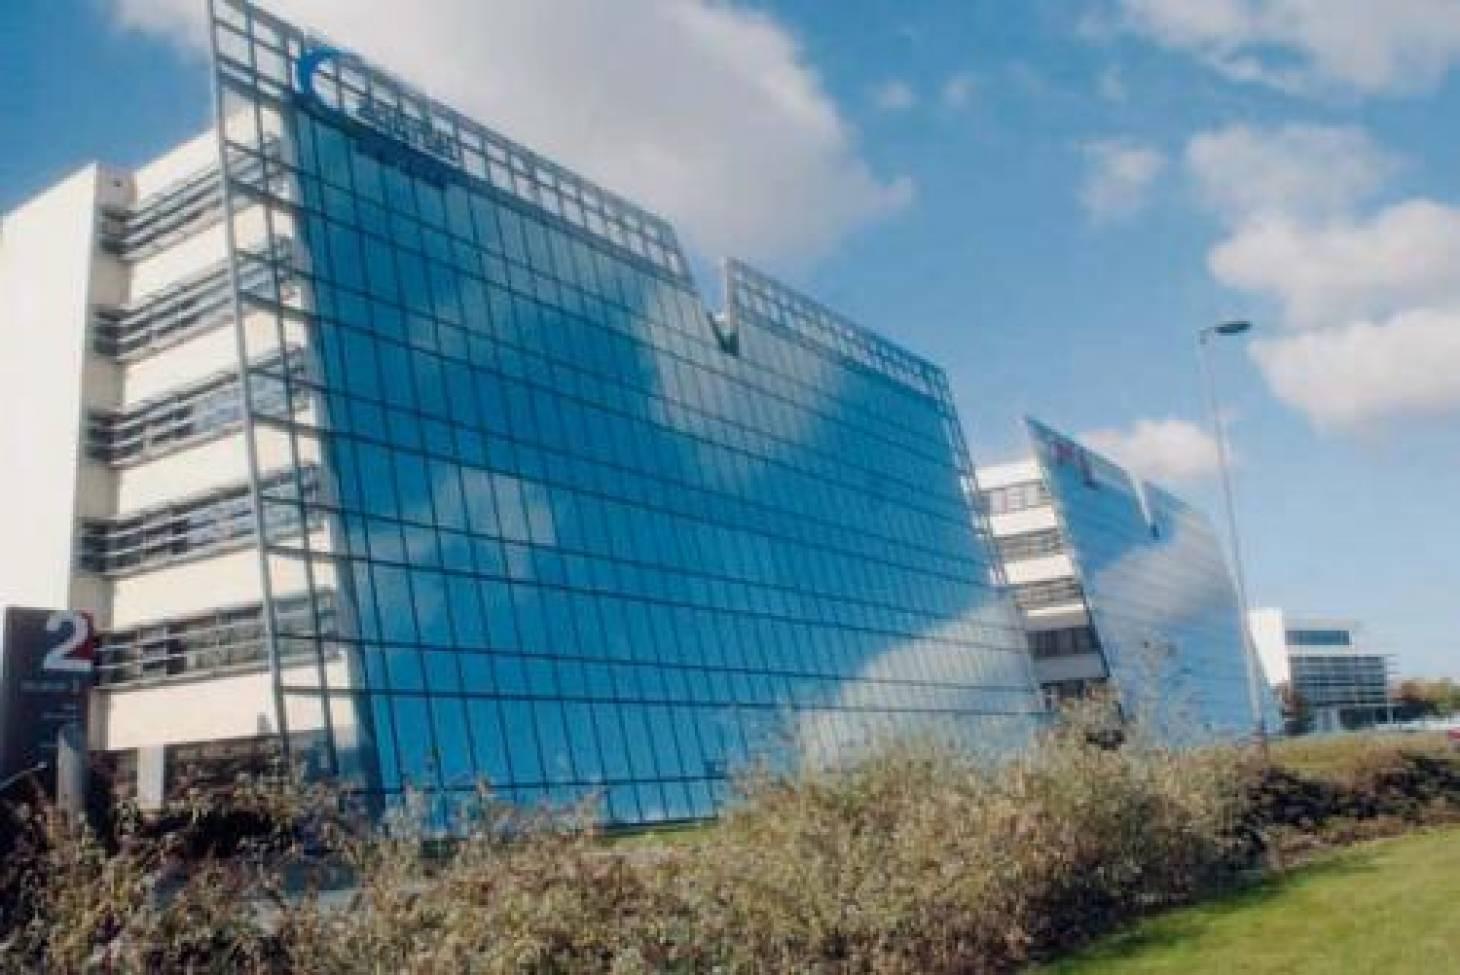 Le Conseil général vend 10 000 m2 de bureaux